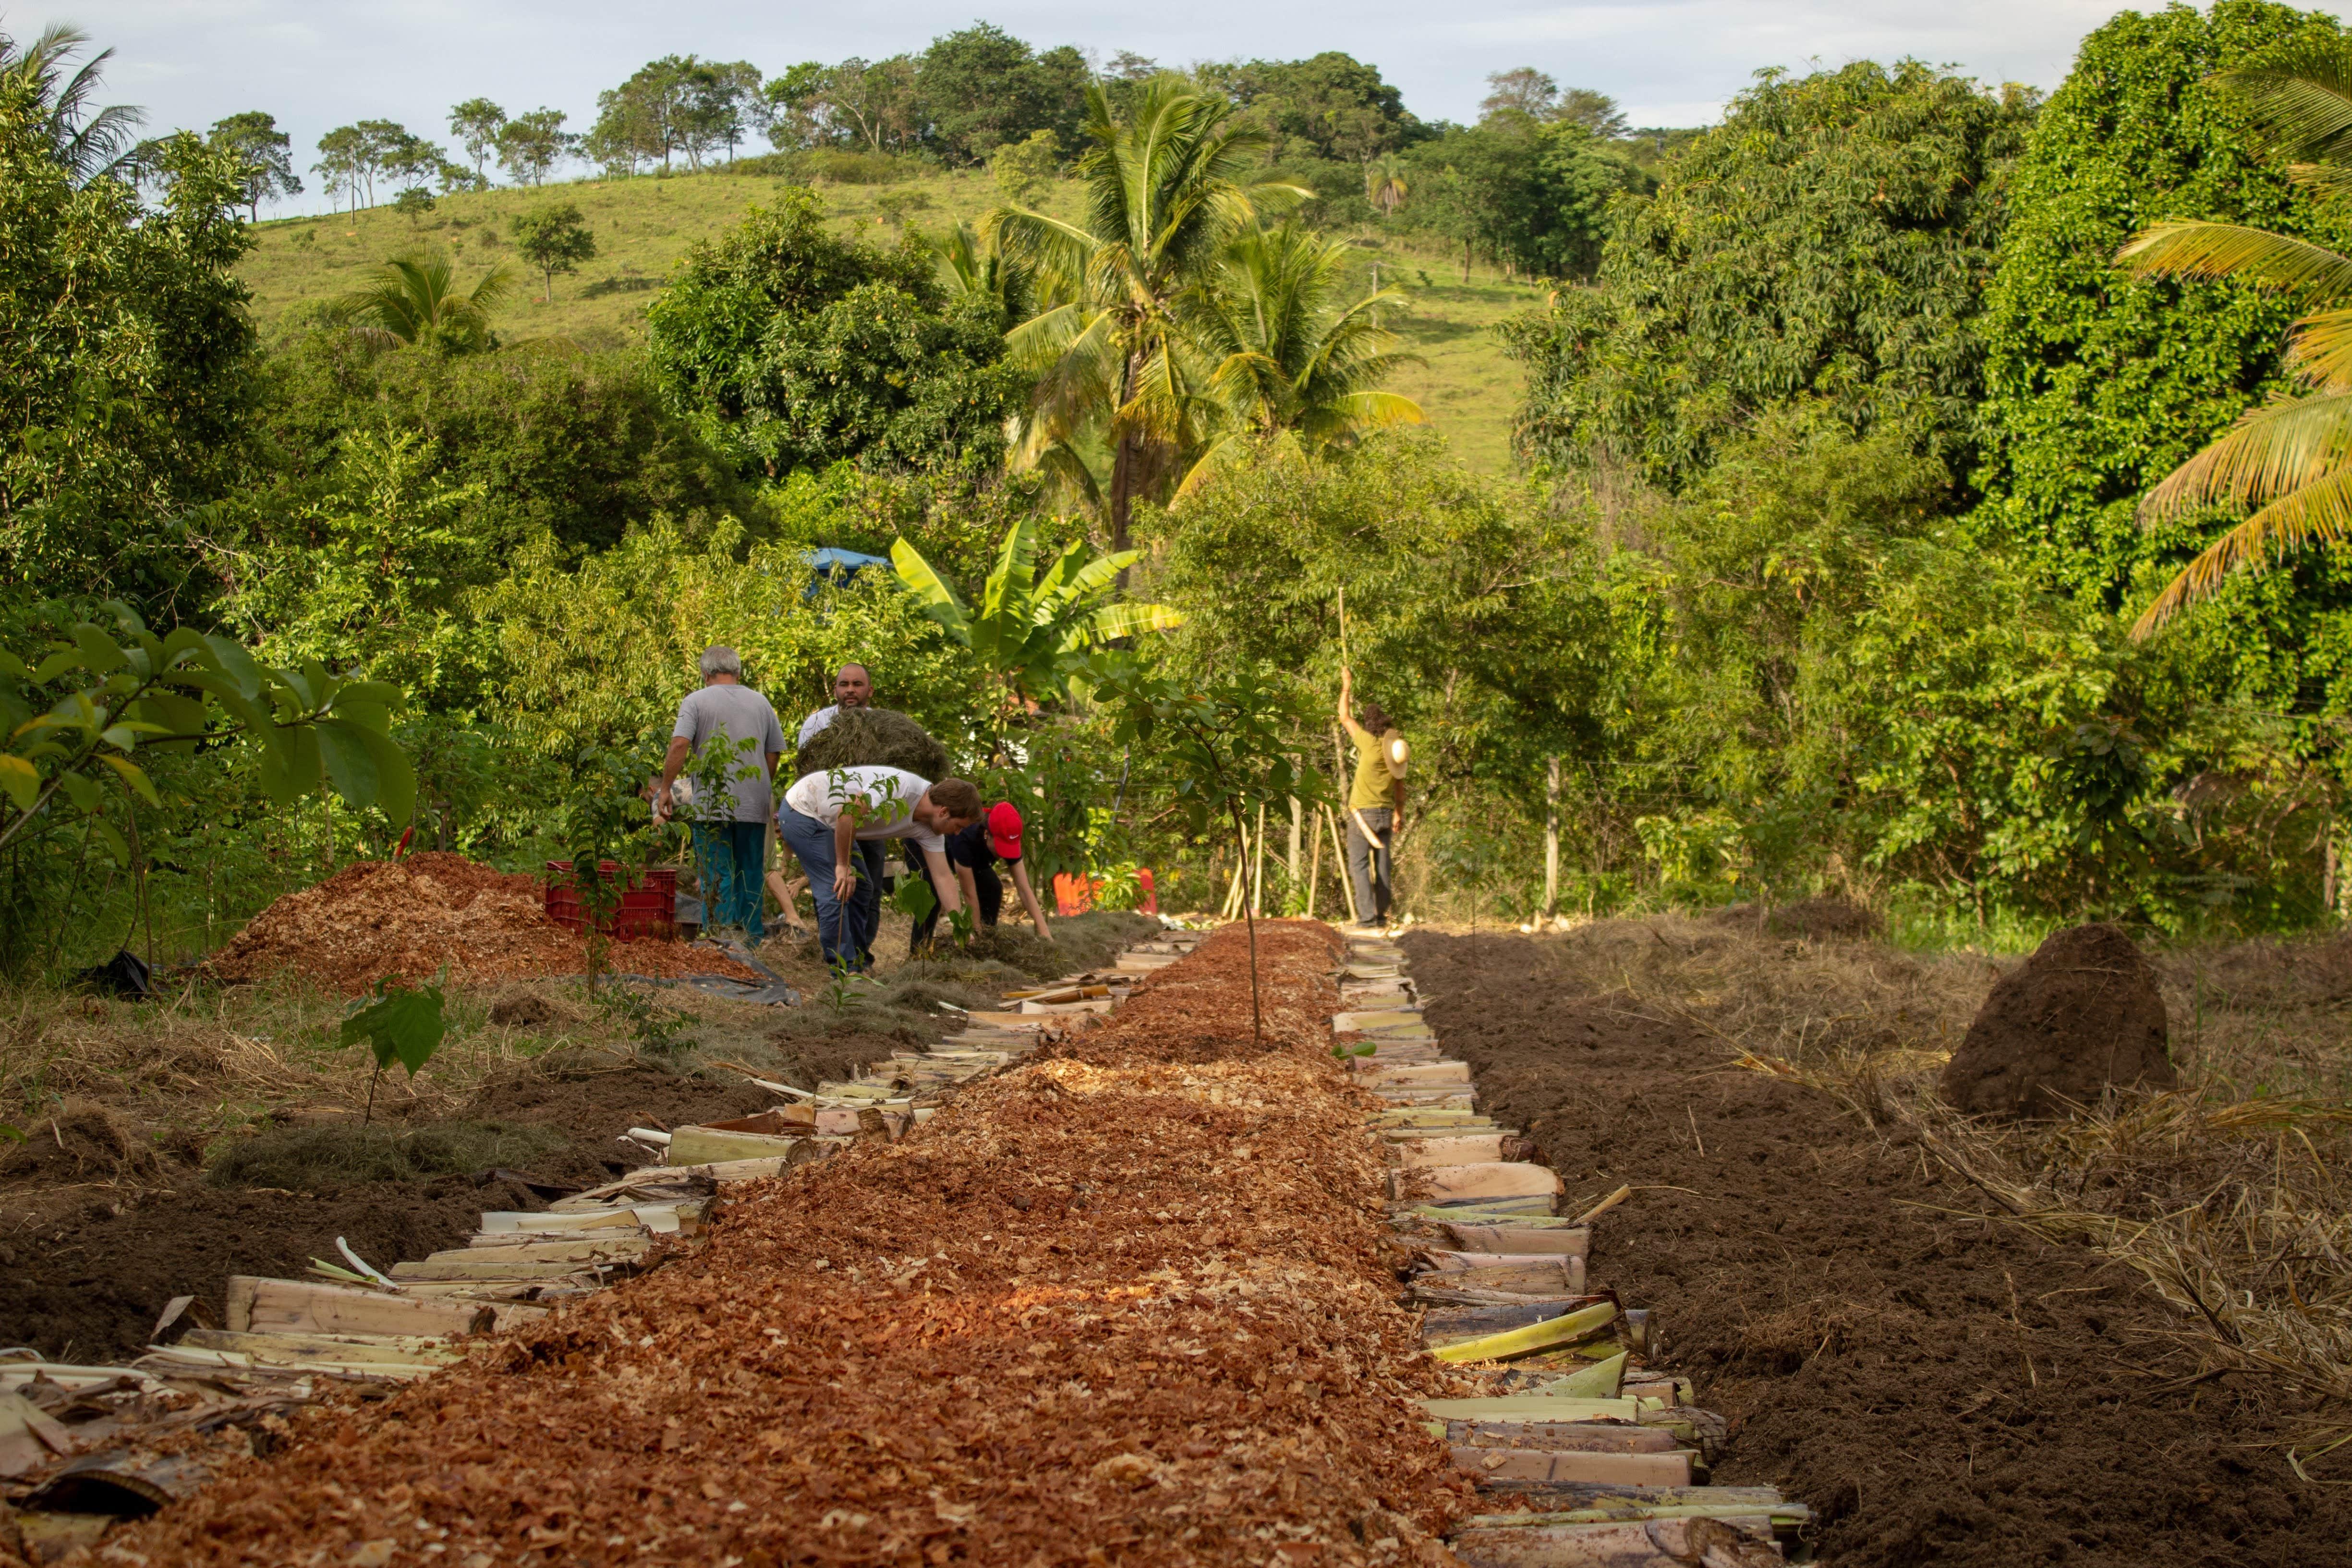 Jurema Agrofloresta Têxtil. Crédito: Kiko Moreira (22/12/2019 - Camino Verde - Itaúna MG. Plantio coletivo de agrofloresta têxtil)